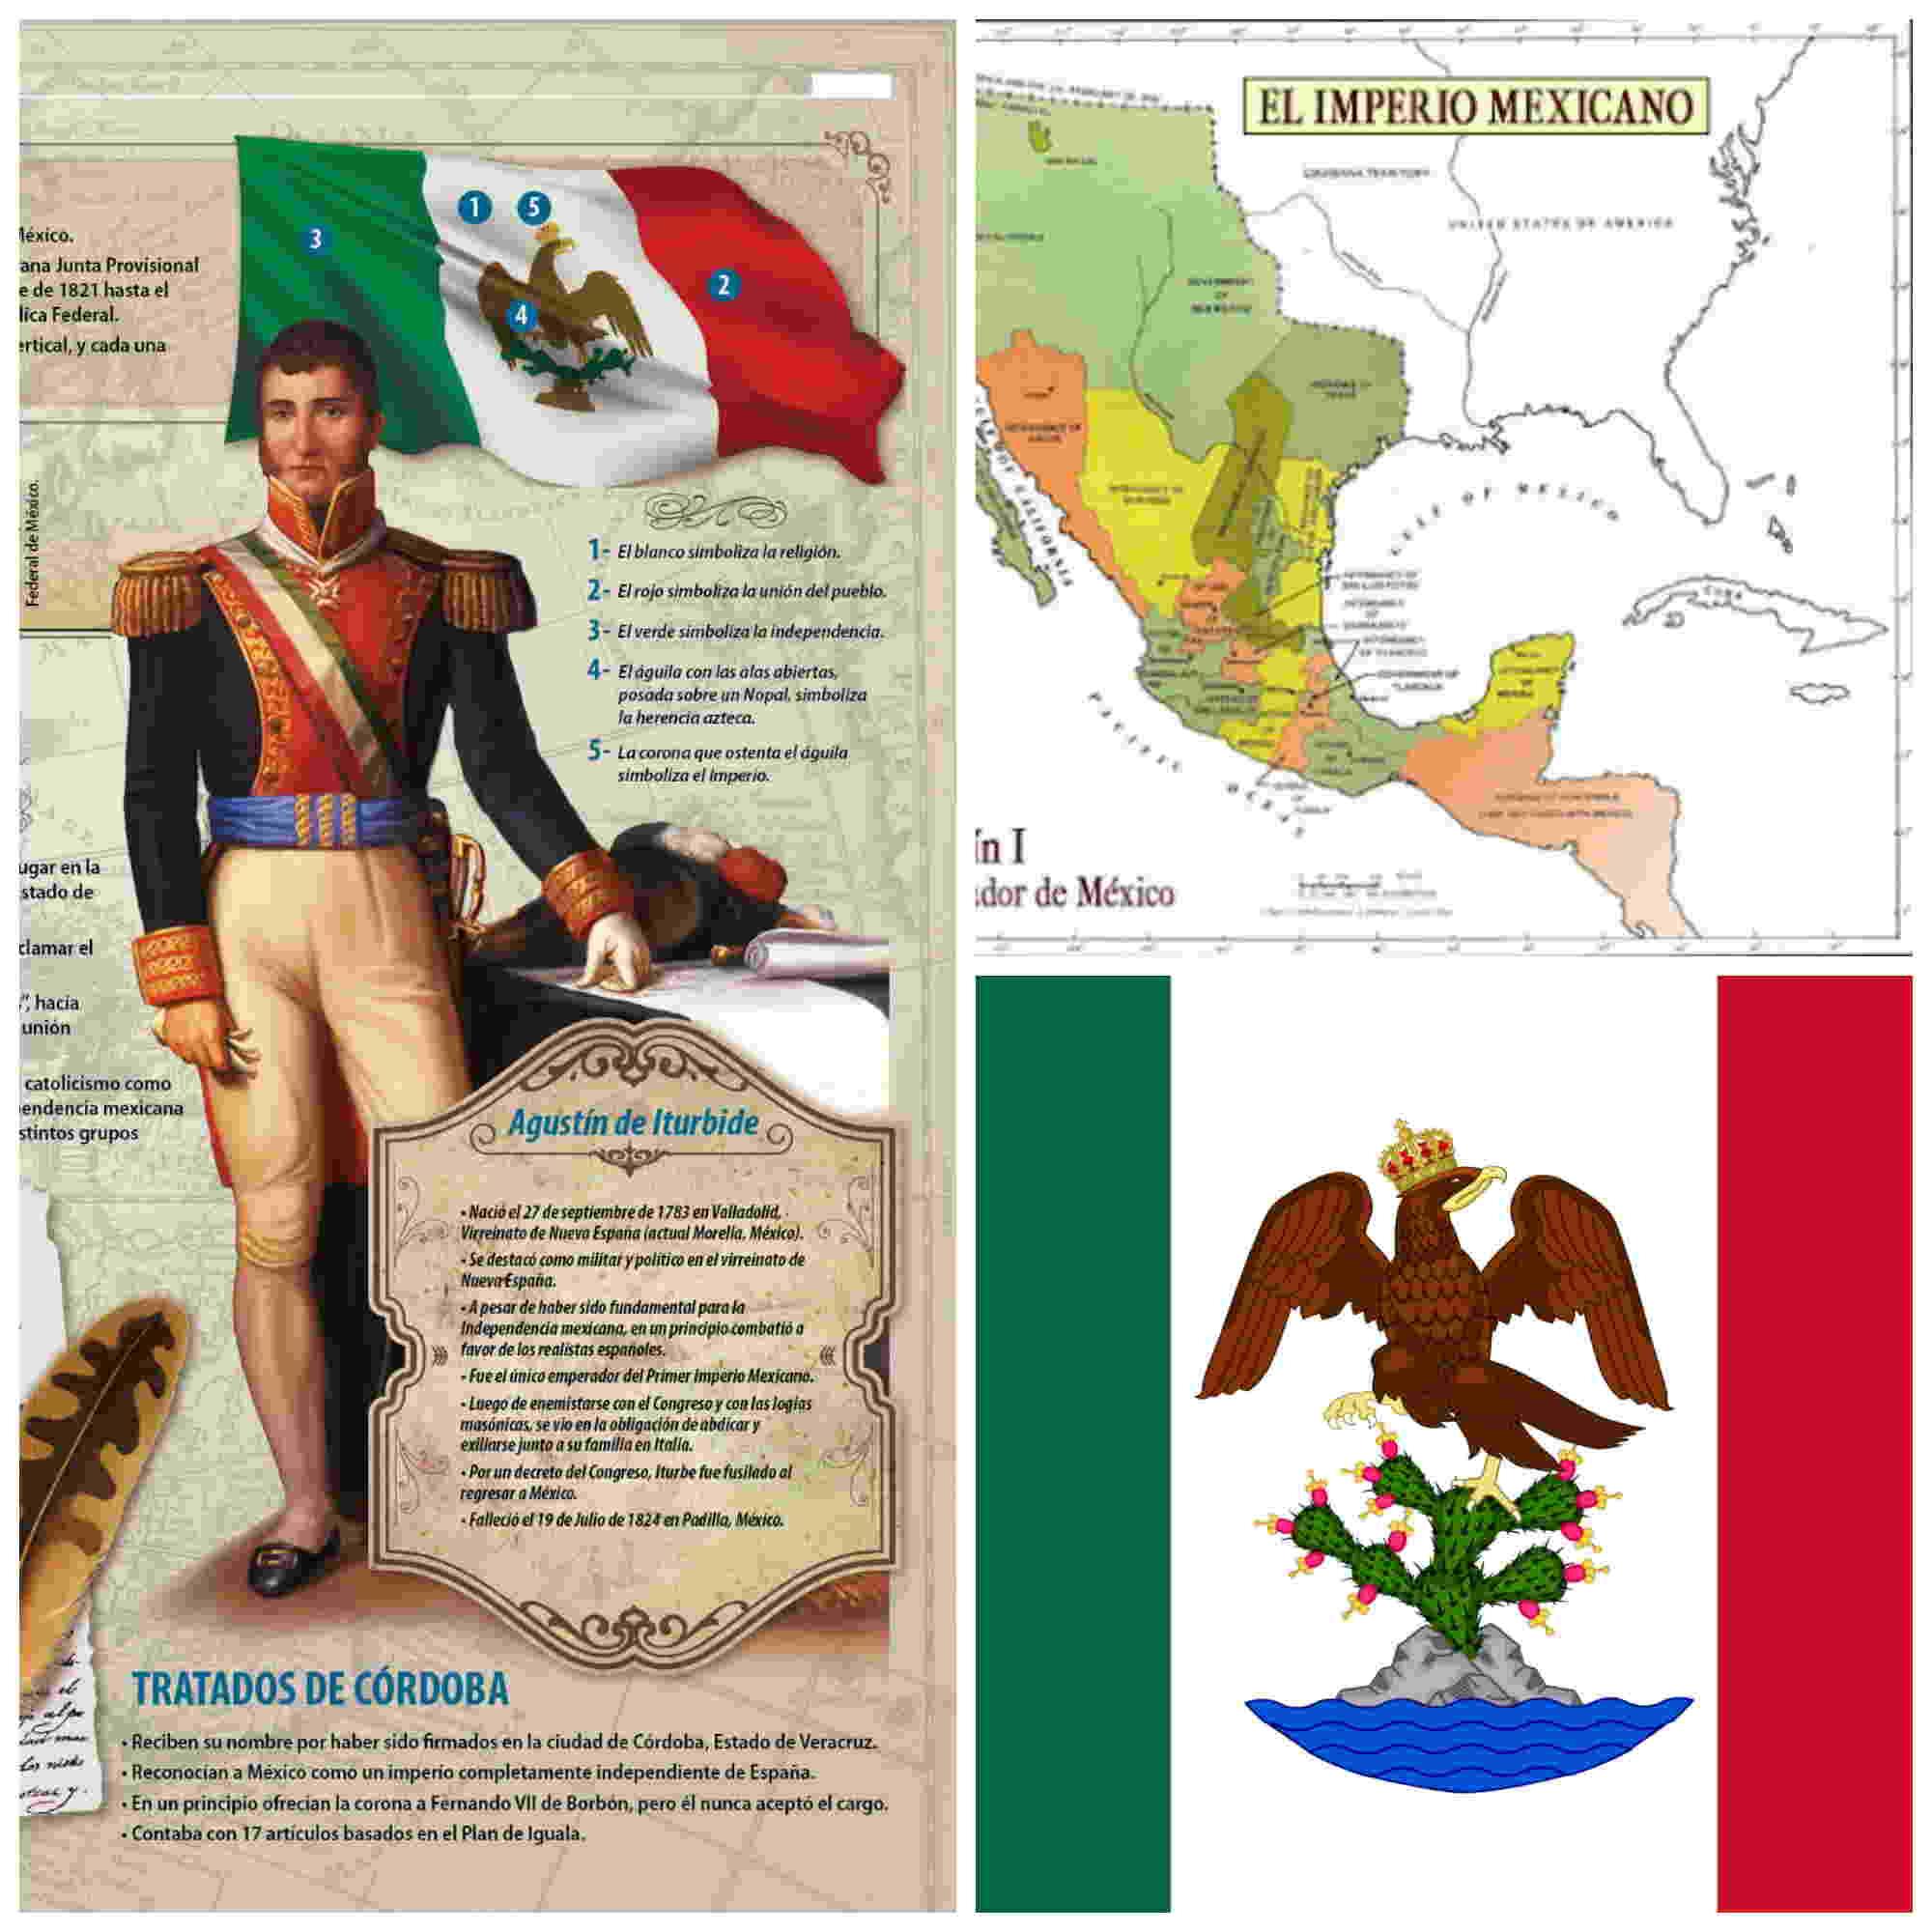 El fracaso del modelo político imperial Mexicano y los grandes momentos del proyecto Iturbidista